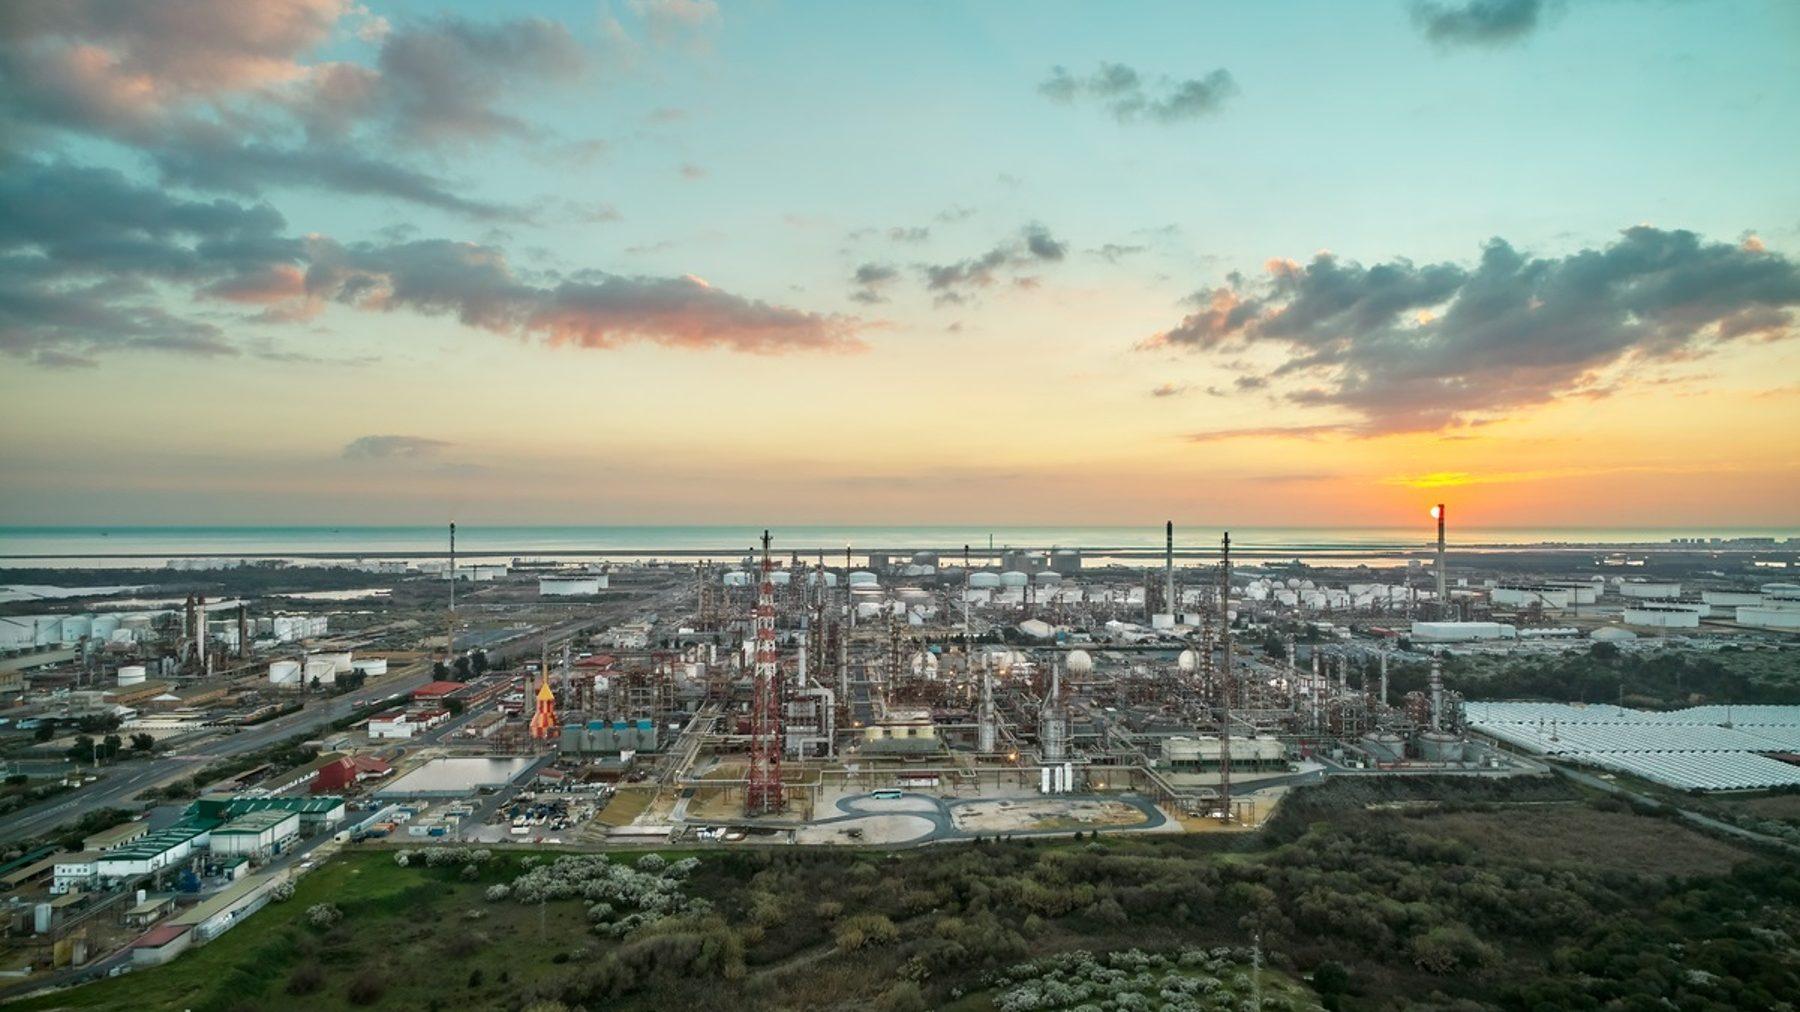 Vista panorámica de las instalaciones de Cepsa en Huelva (CEPSA). (1)